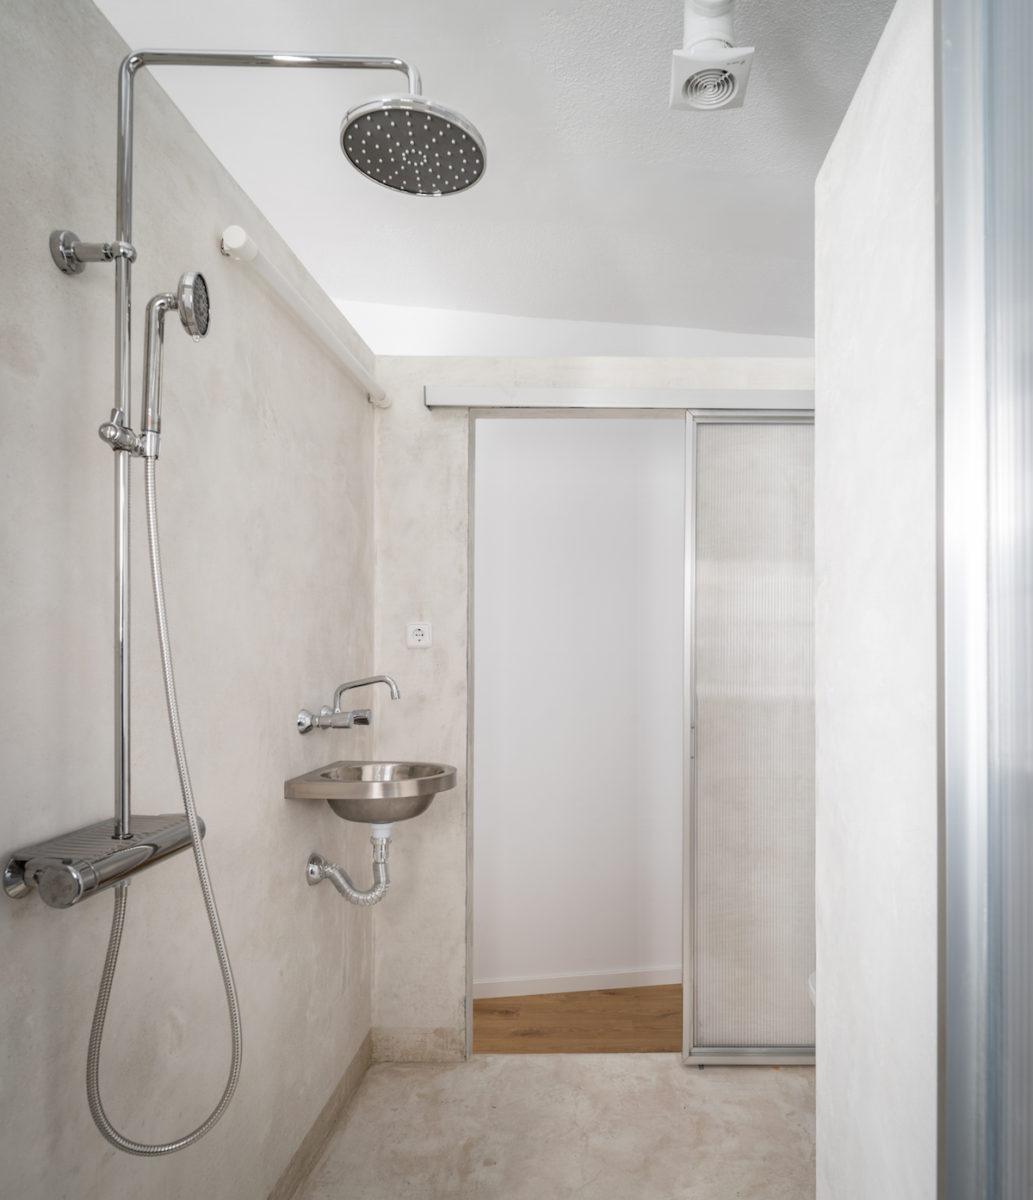 Sprcha a toaleta